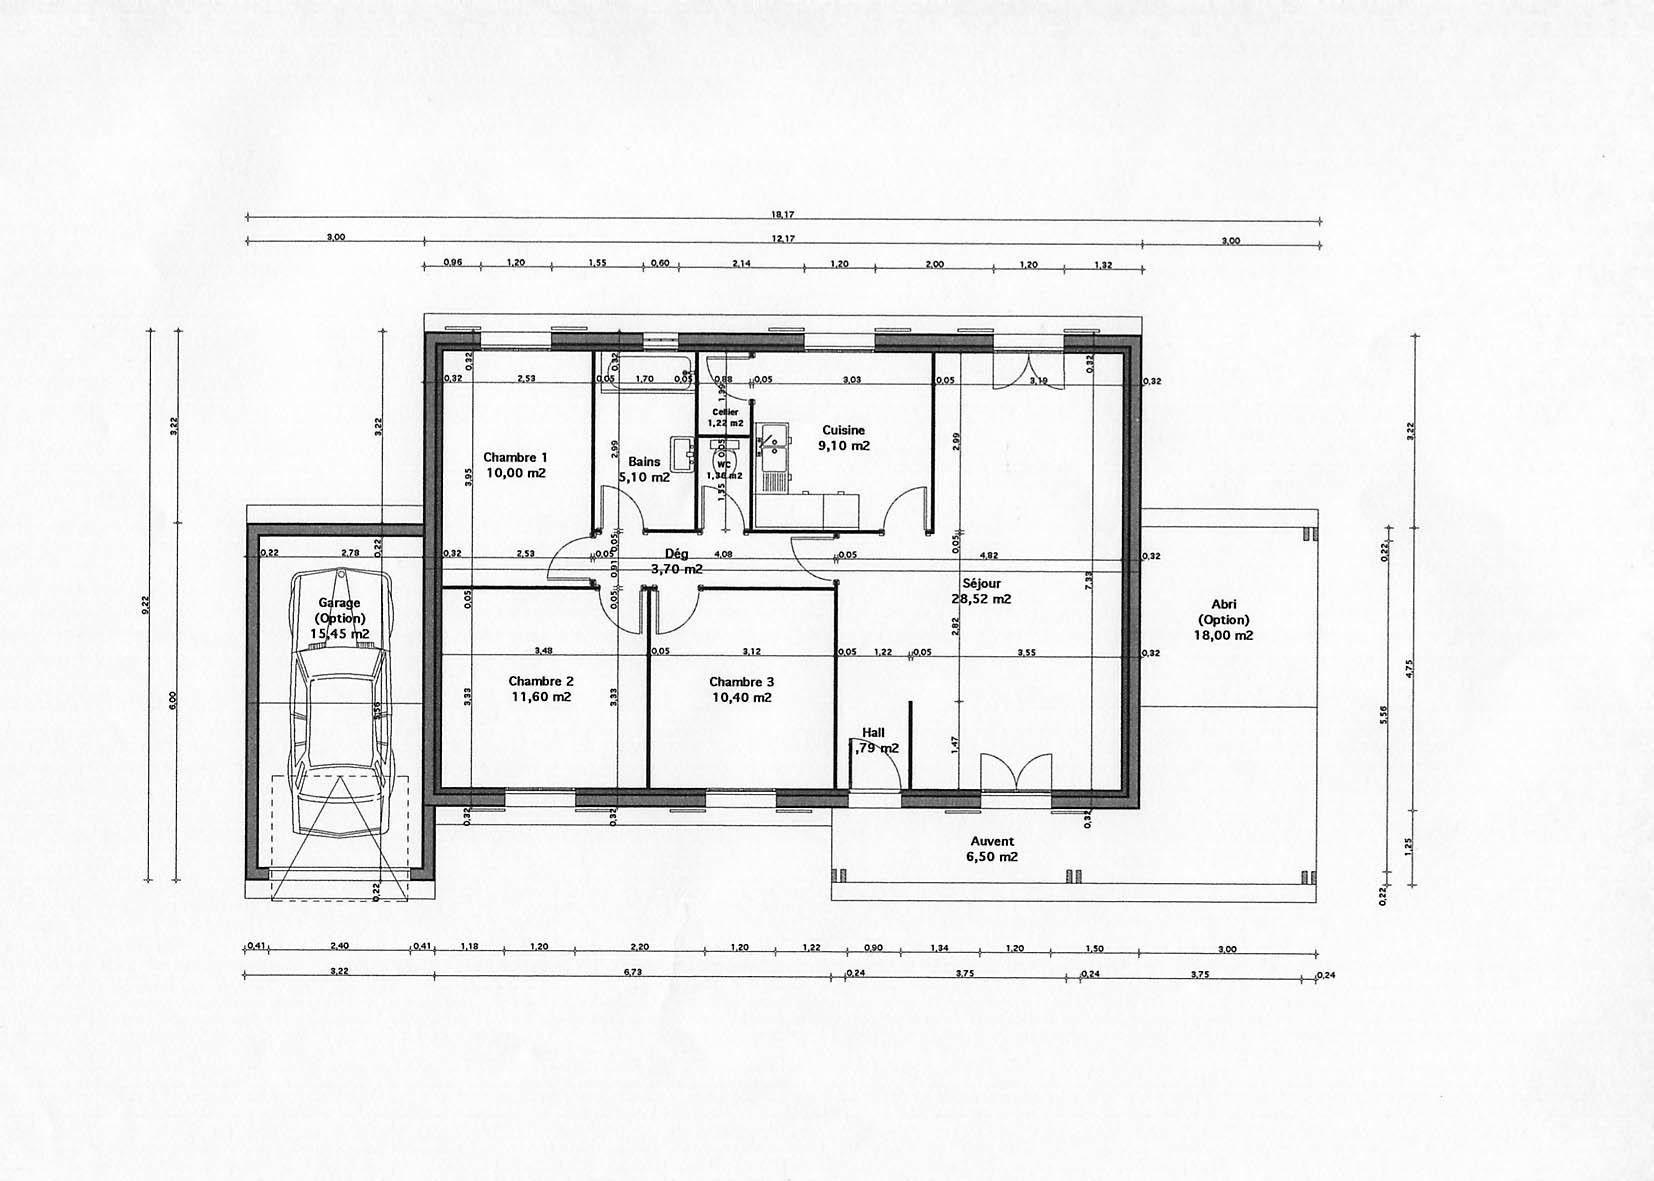 Plan Maison En U Inspiration De Decoration Pricepointreport